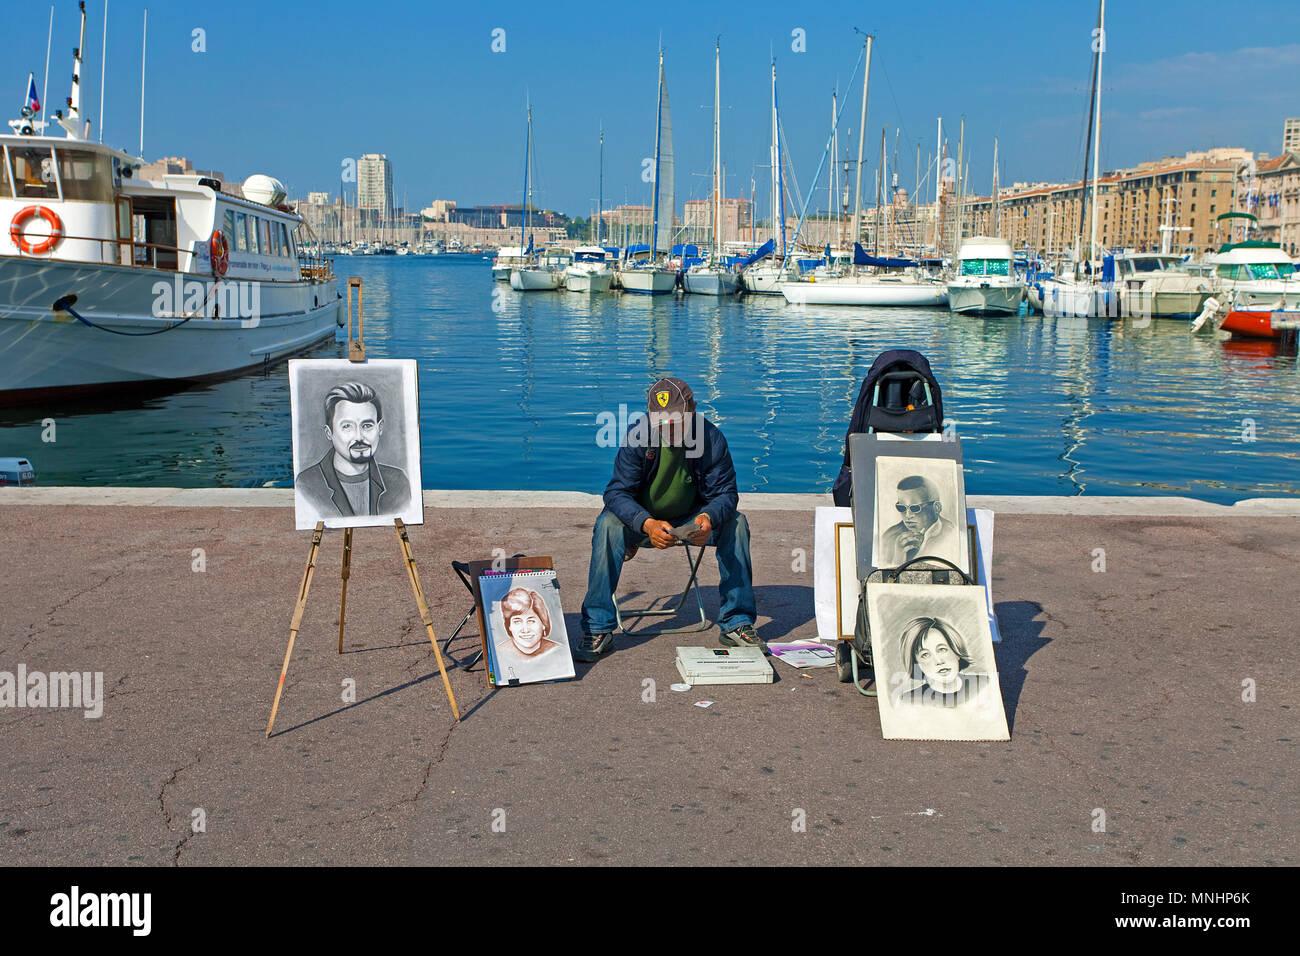 Portrait Schublade am Hafen Vieux Port, Marseille, Bouches-du-Rhône der Region Provence-Alpes-Côte d'Azur, Südfrankreich, Frankreich, Europa Stockbild